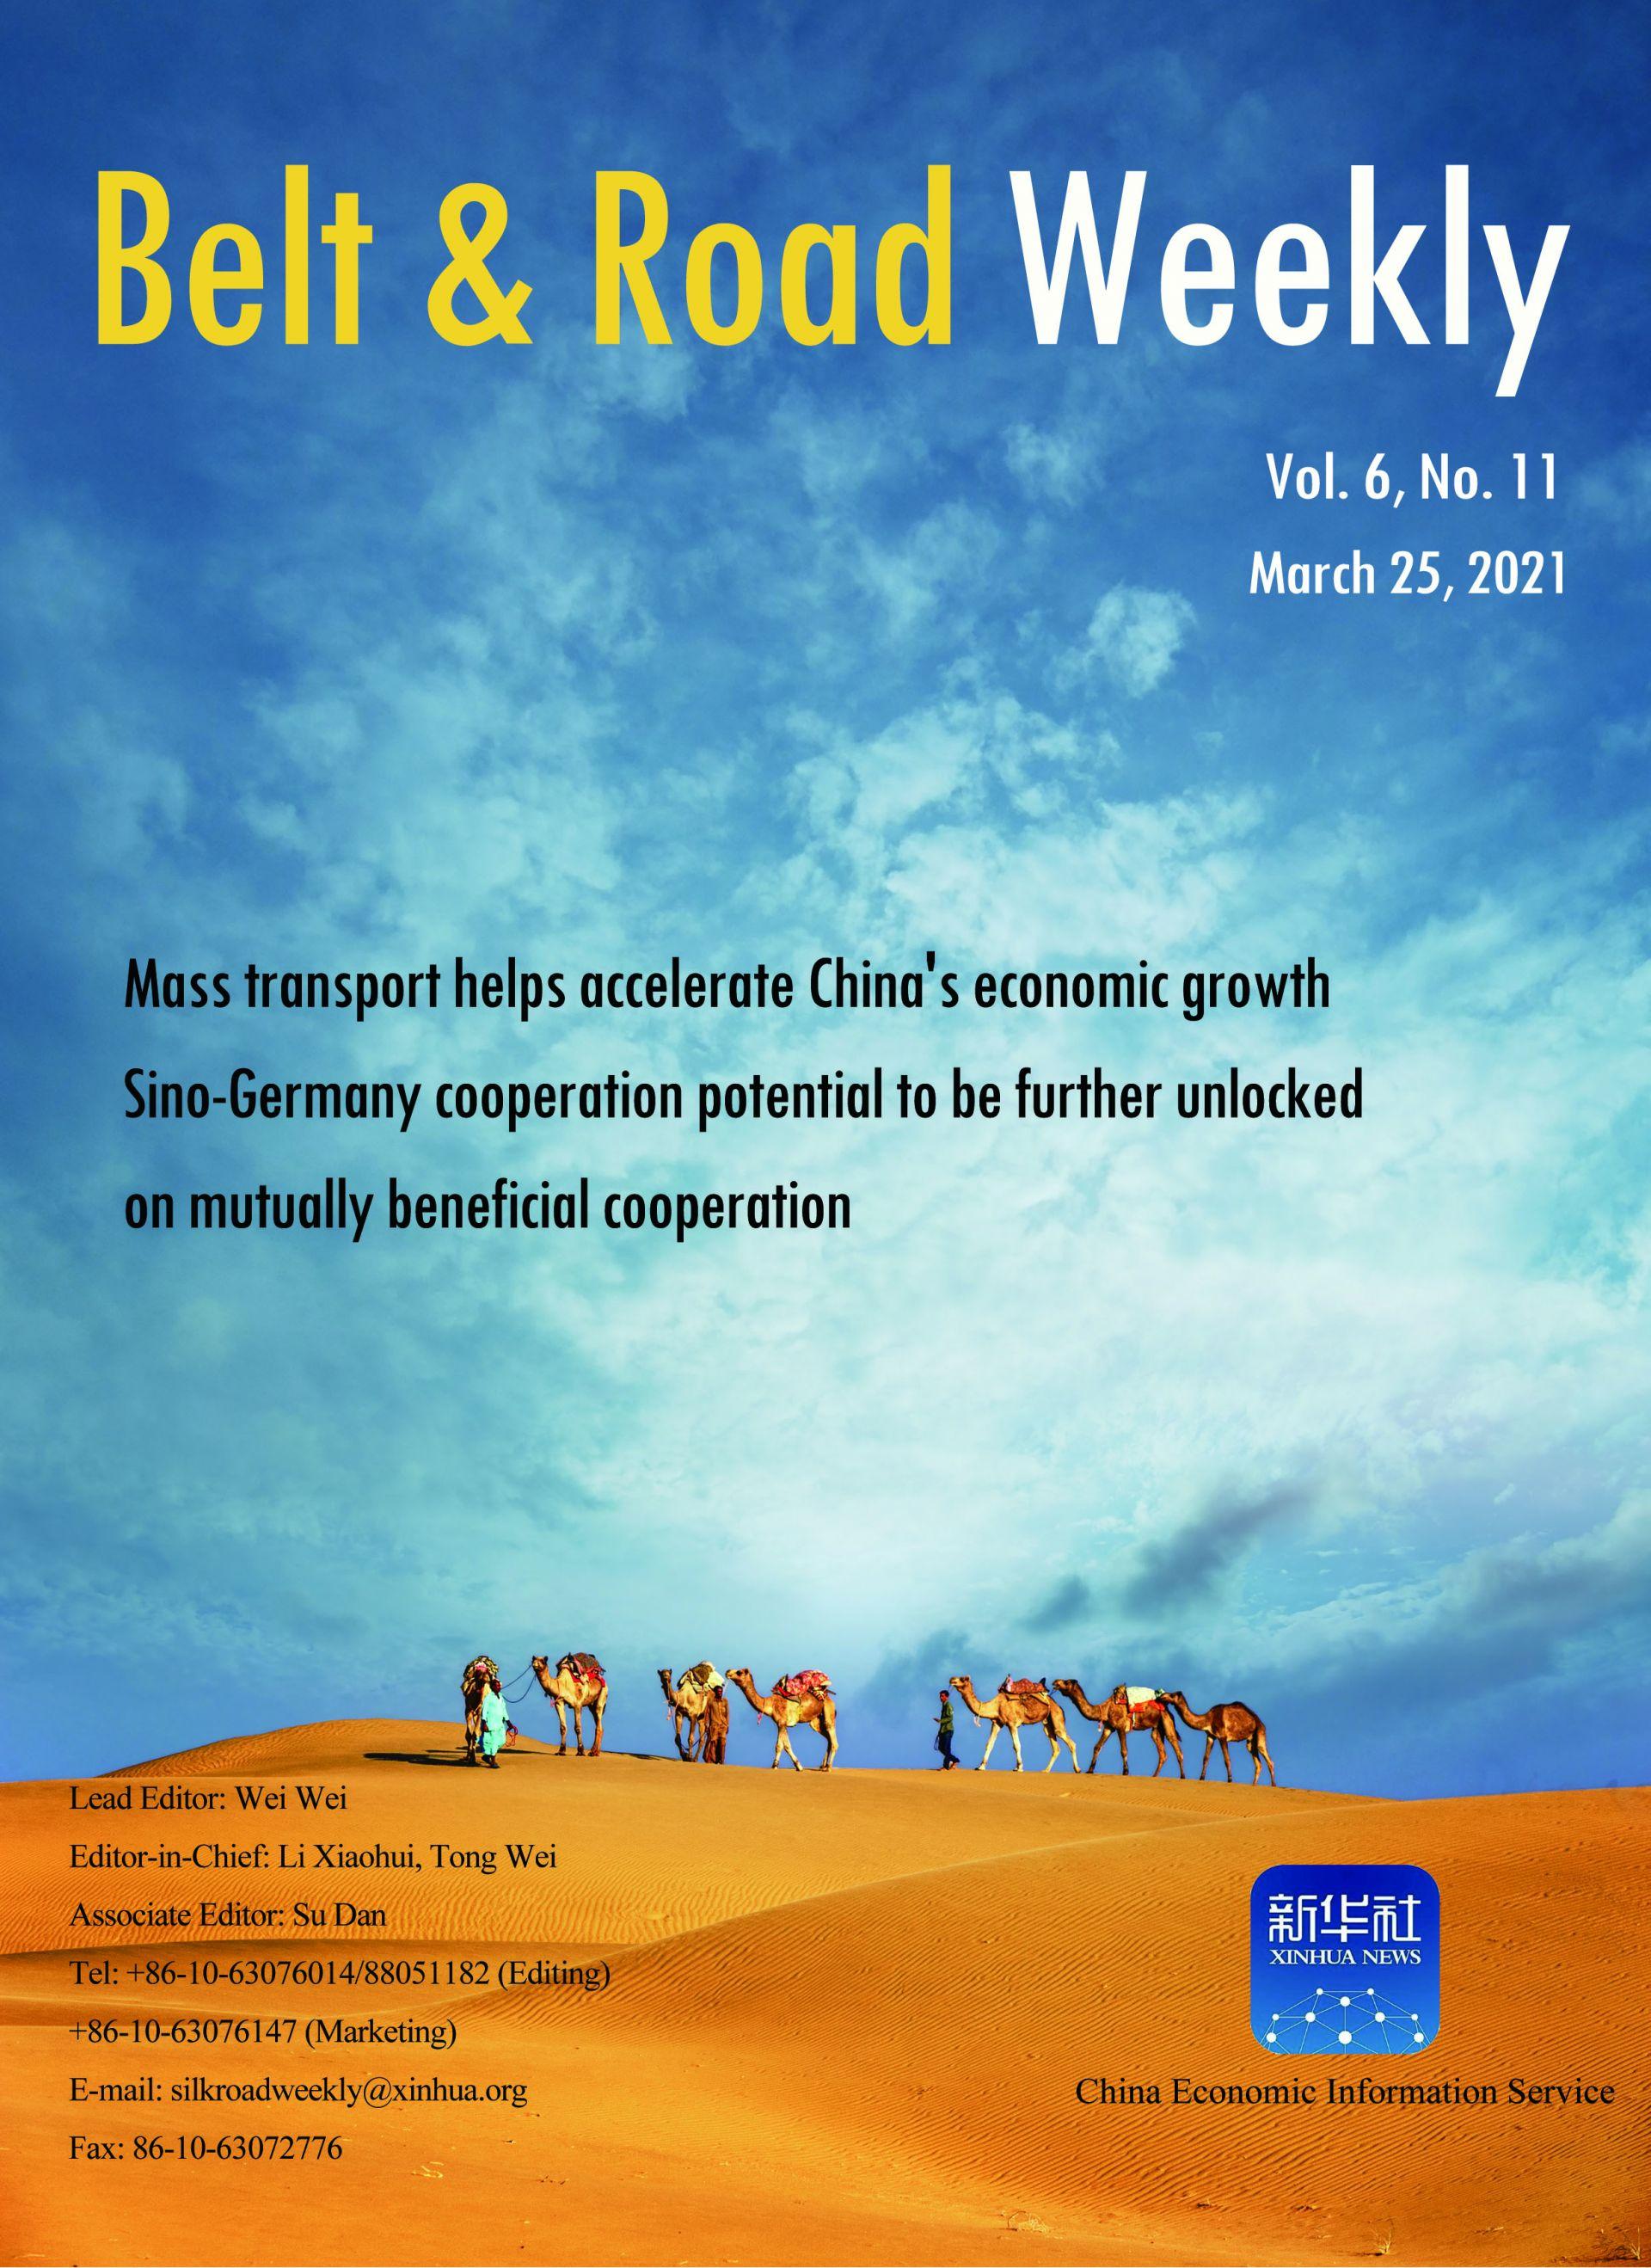 Belt & Road Weekly Vol. 6 No.11